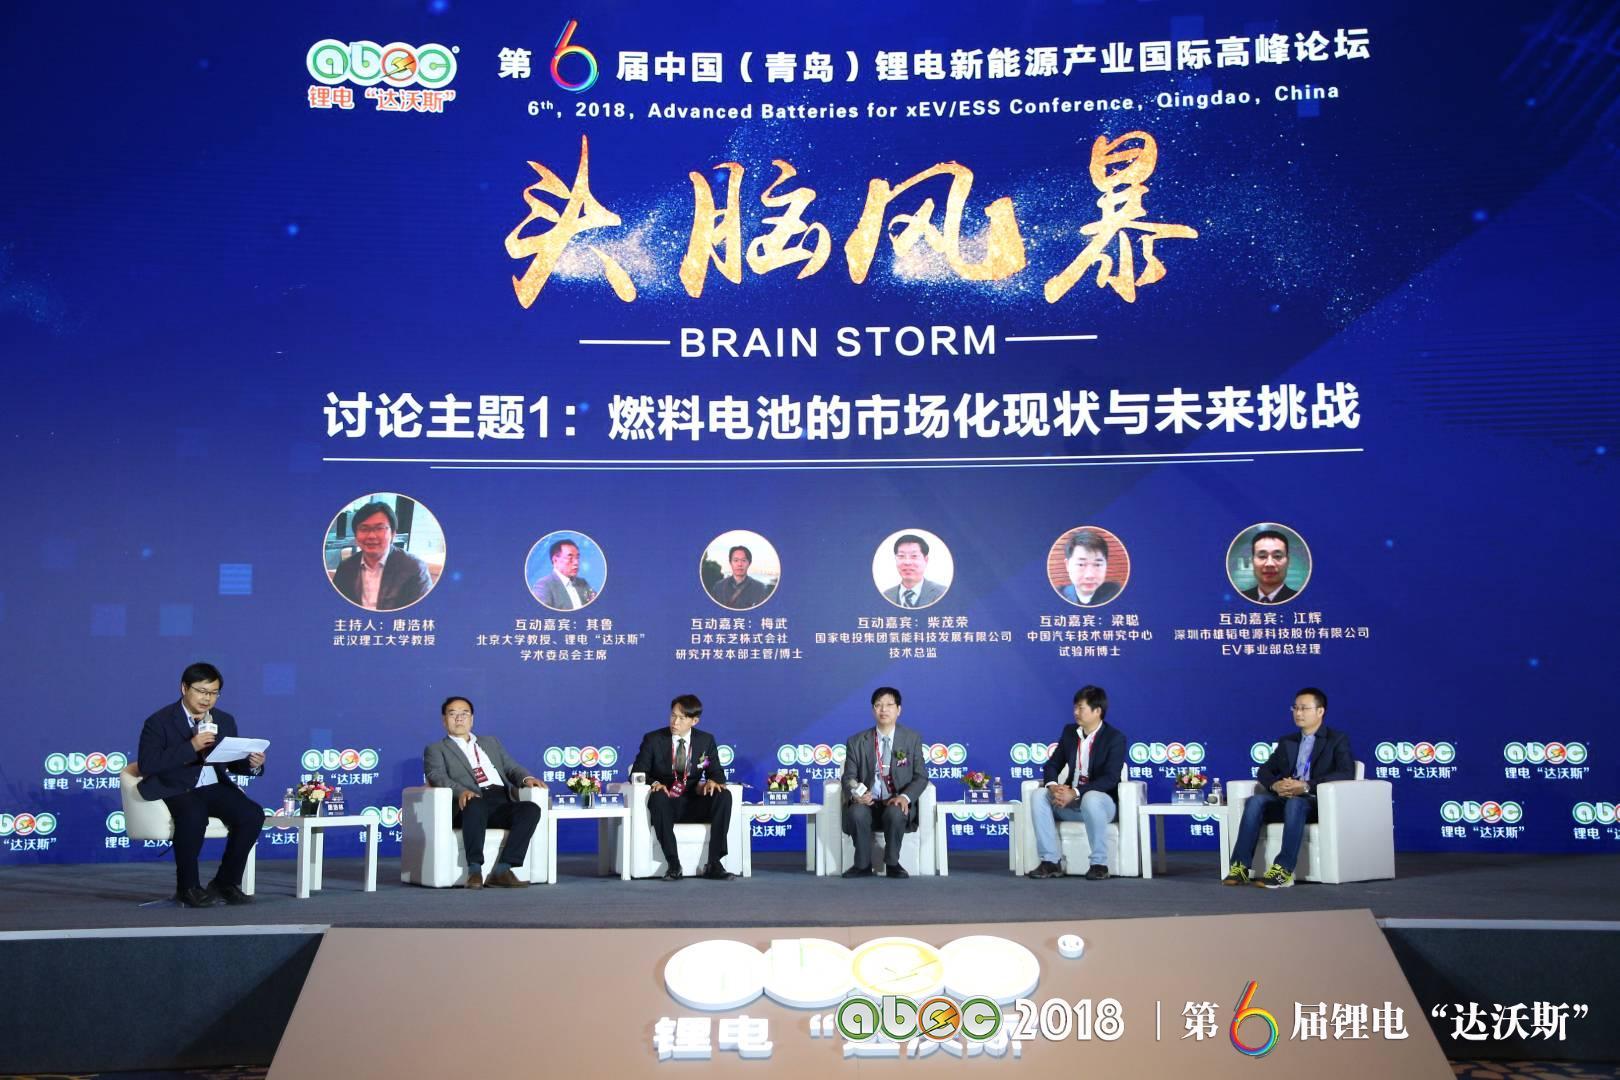 雄韬集团出席ABEC 2018 探讨燃料电池现在与未来